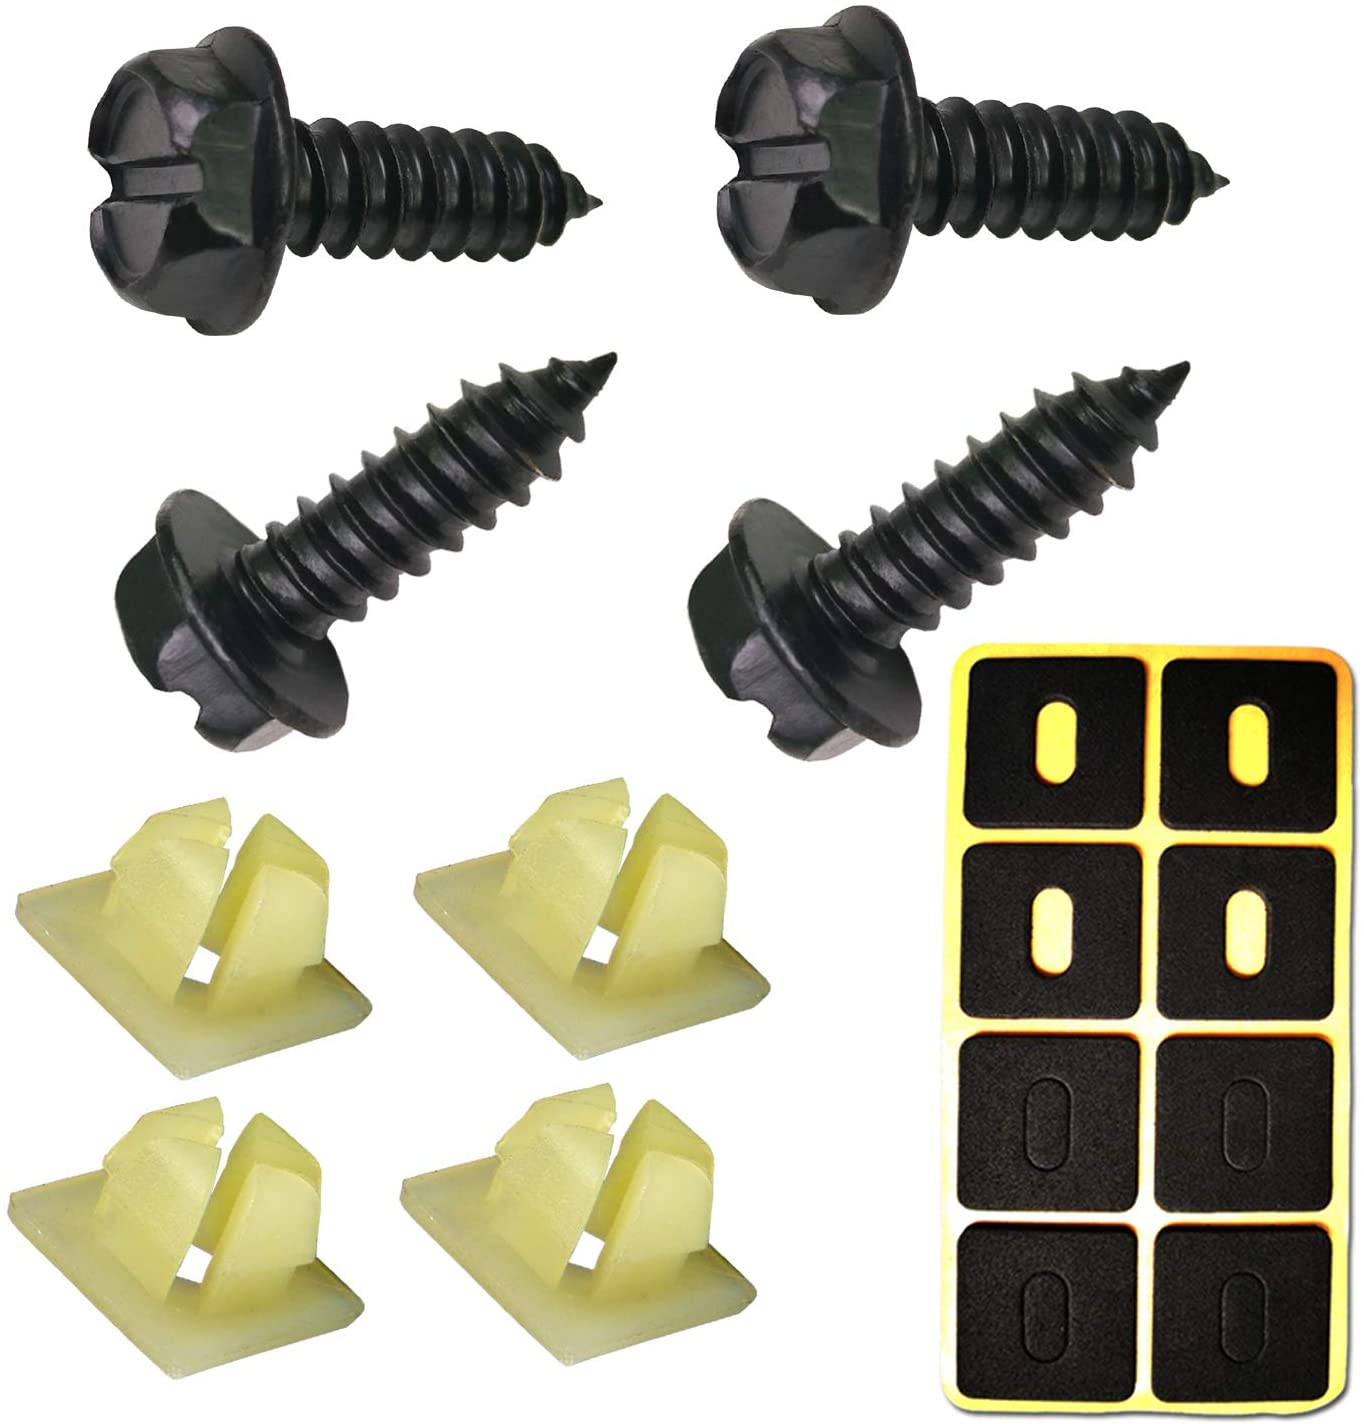 Black License Plate Screws - Rust-proof Stainless Steel Screws, 3/4